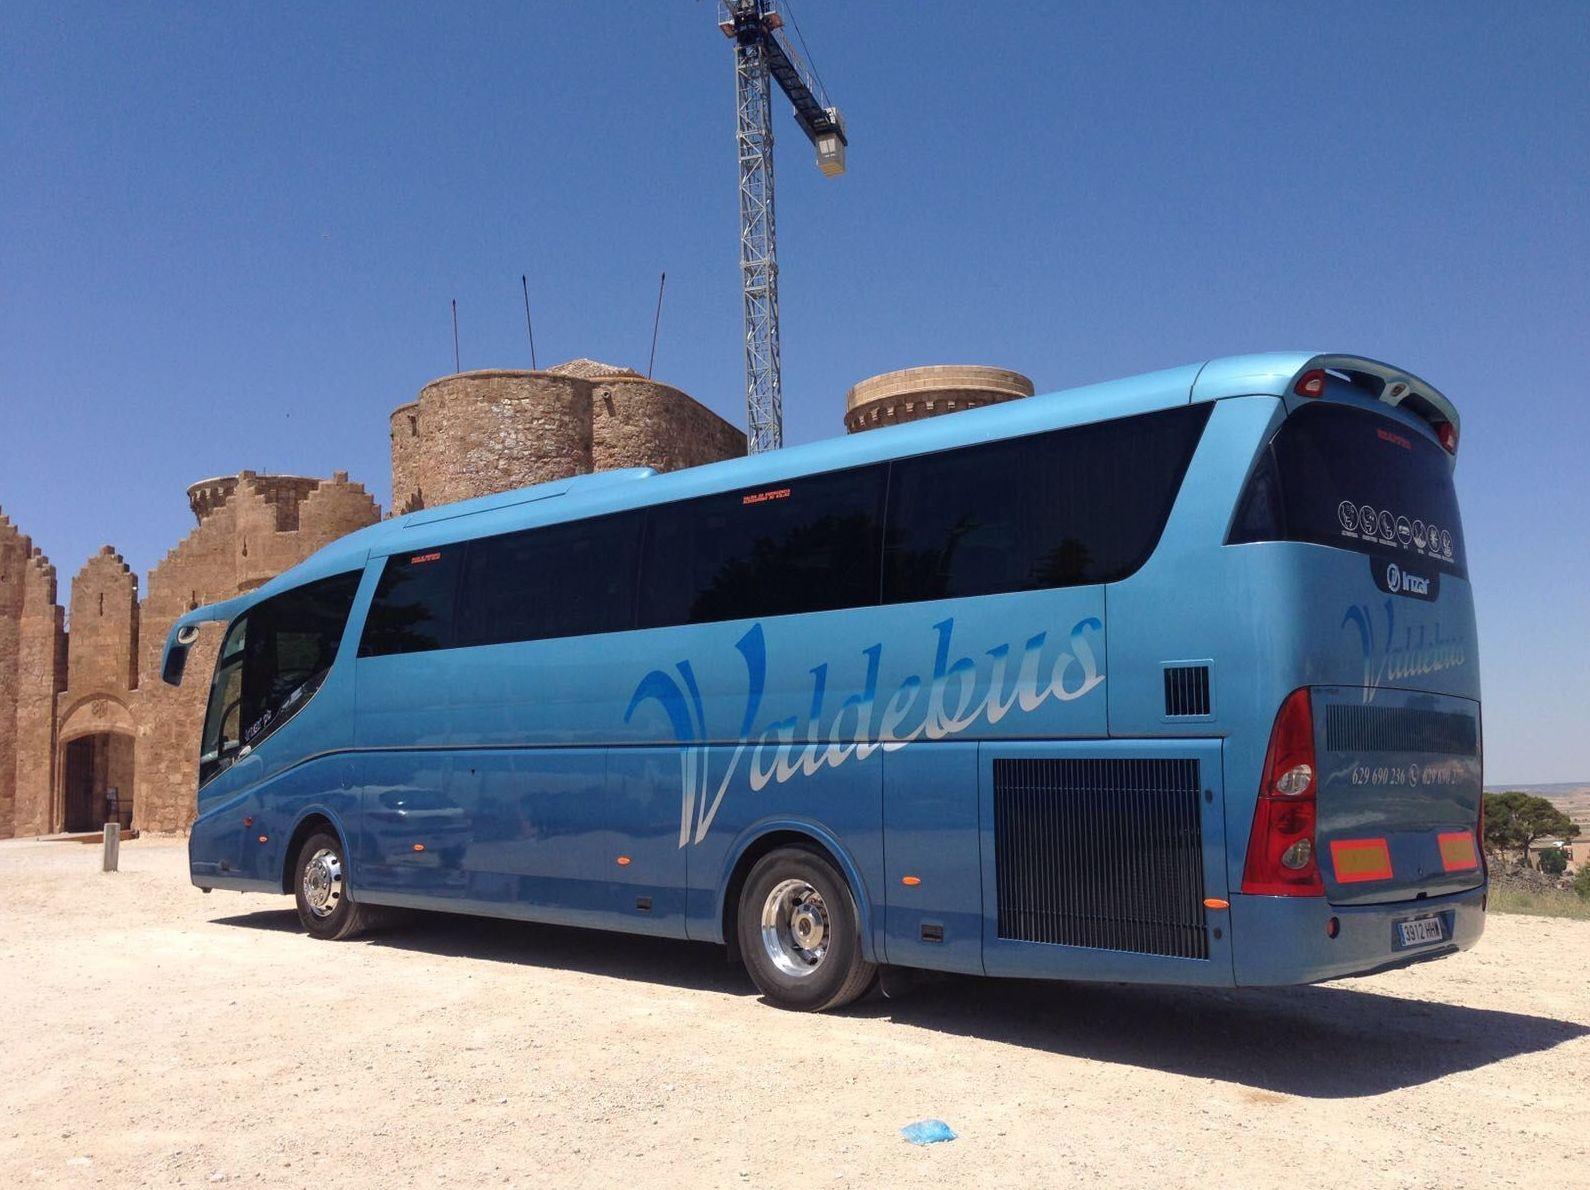 Alquiler de autocares, minibuses y transporte : Servicios de Valdebus